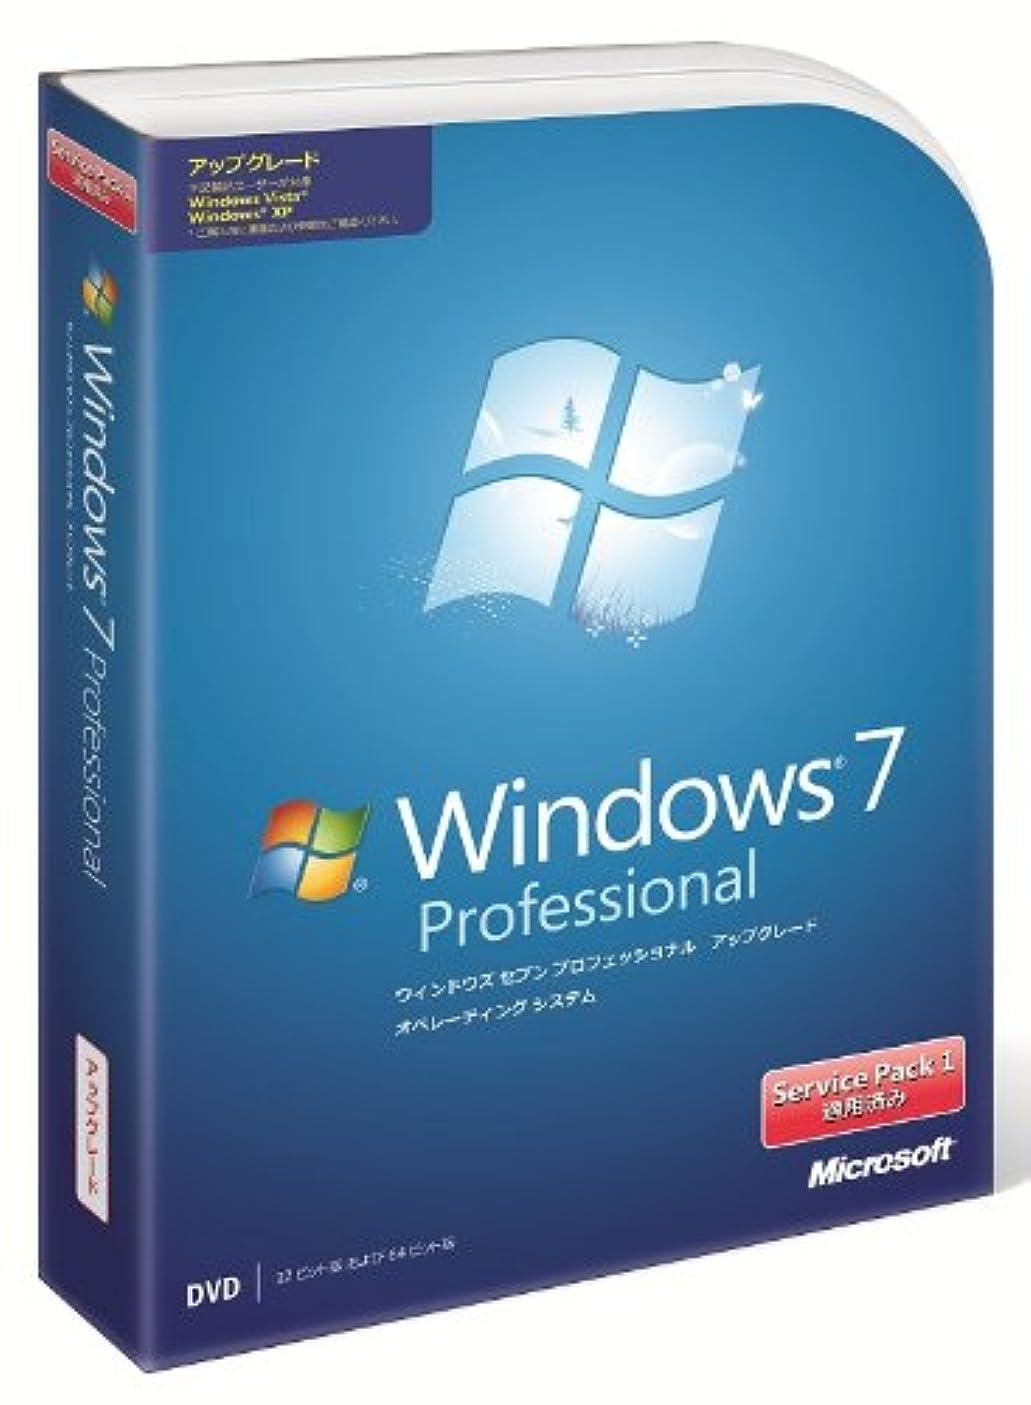 バケツセーブケープ【旧商品】Microsoft Windows 7 Professional アップグレード版 Service Pack 1 適用済み